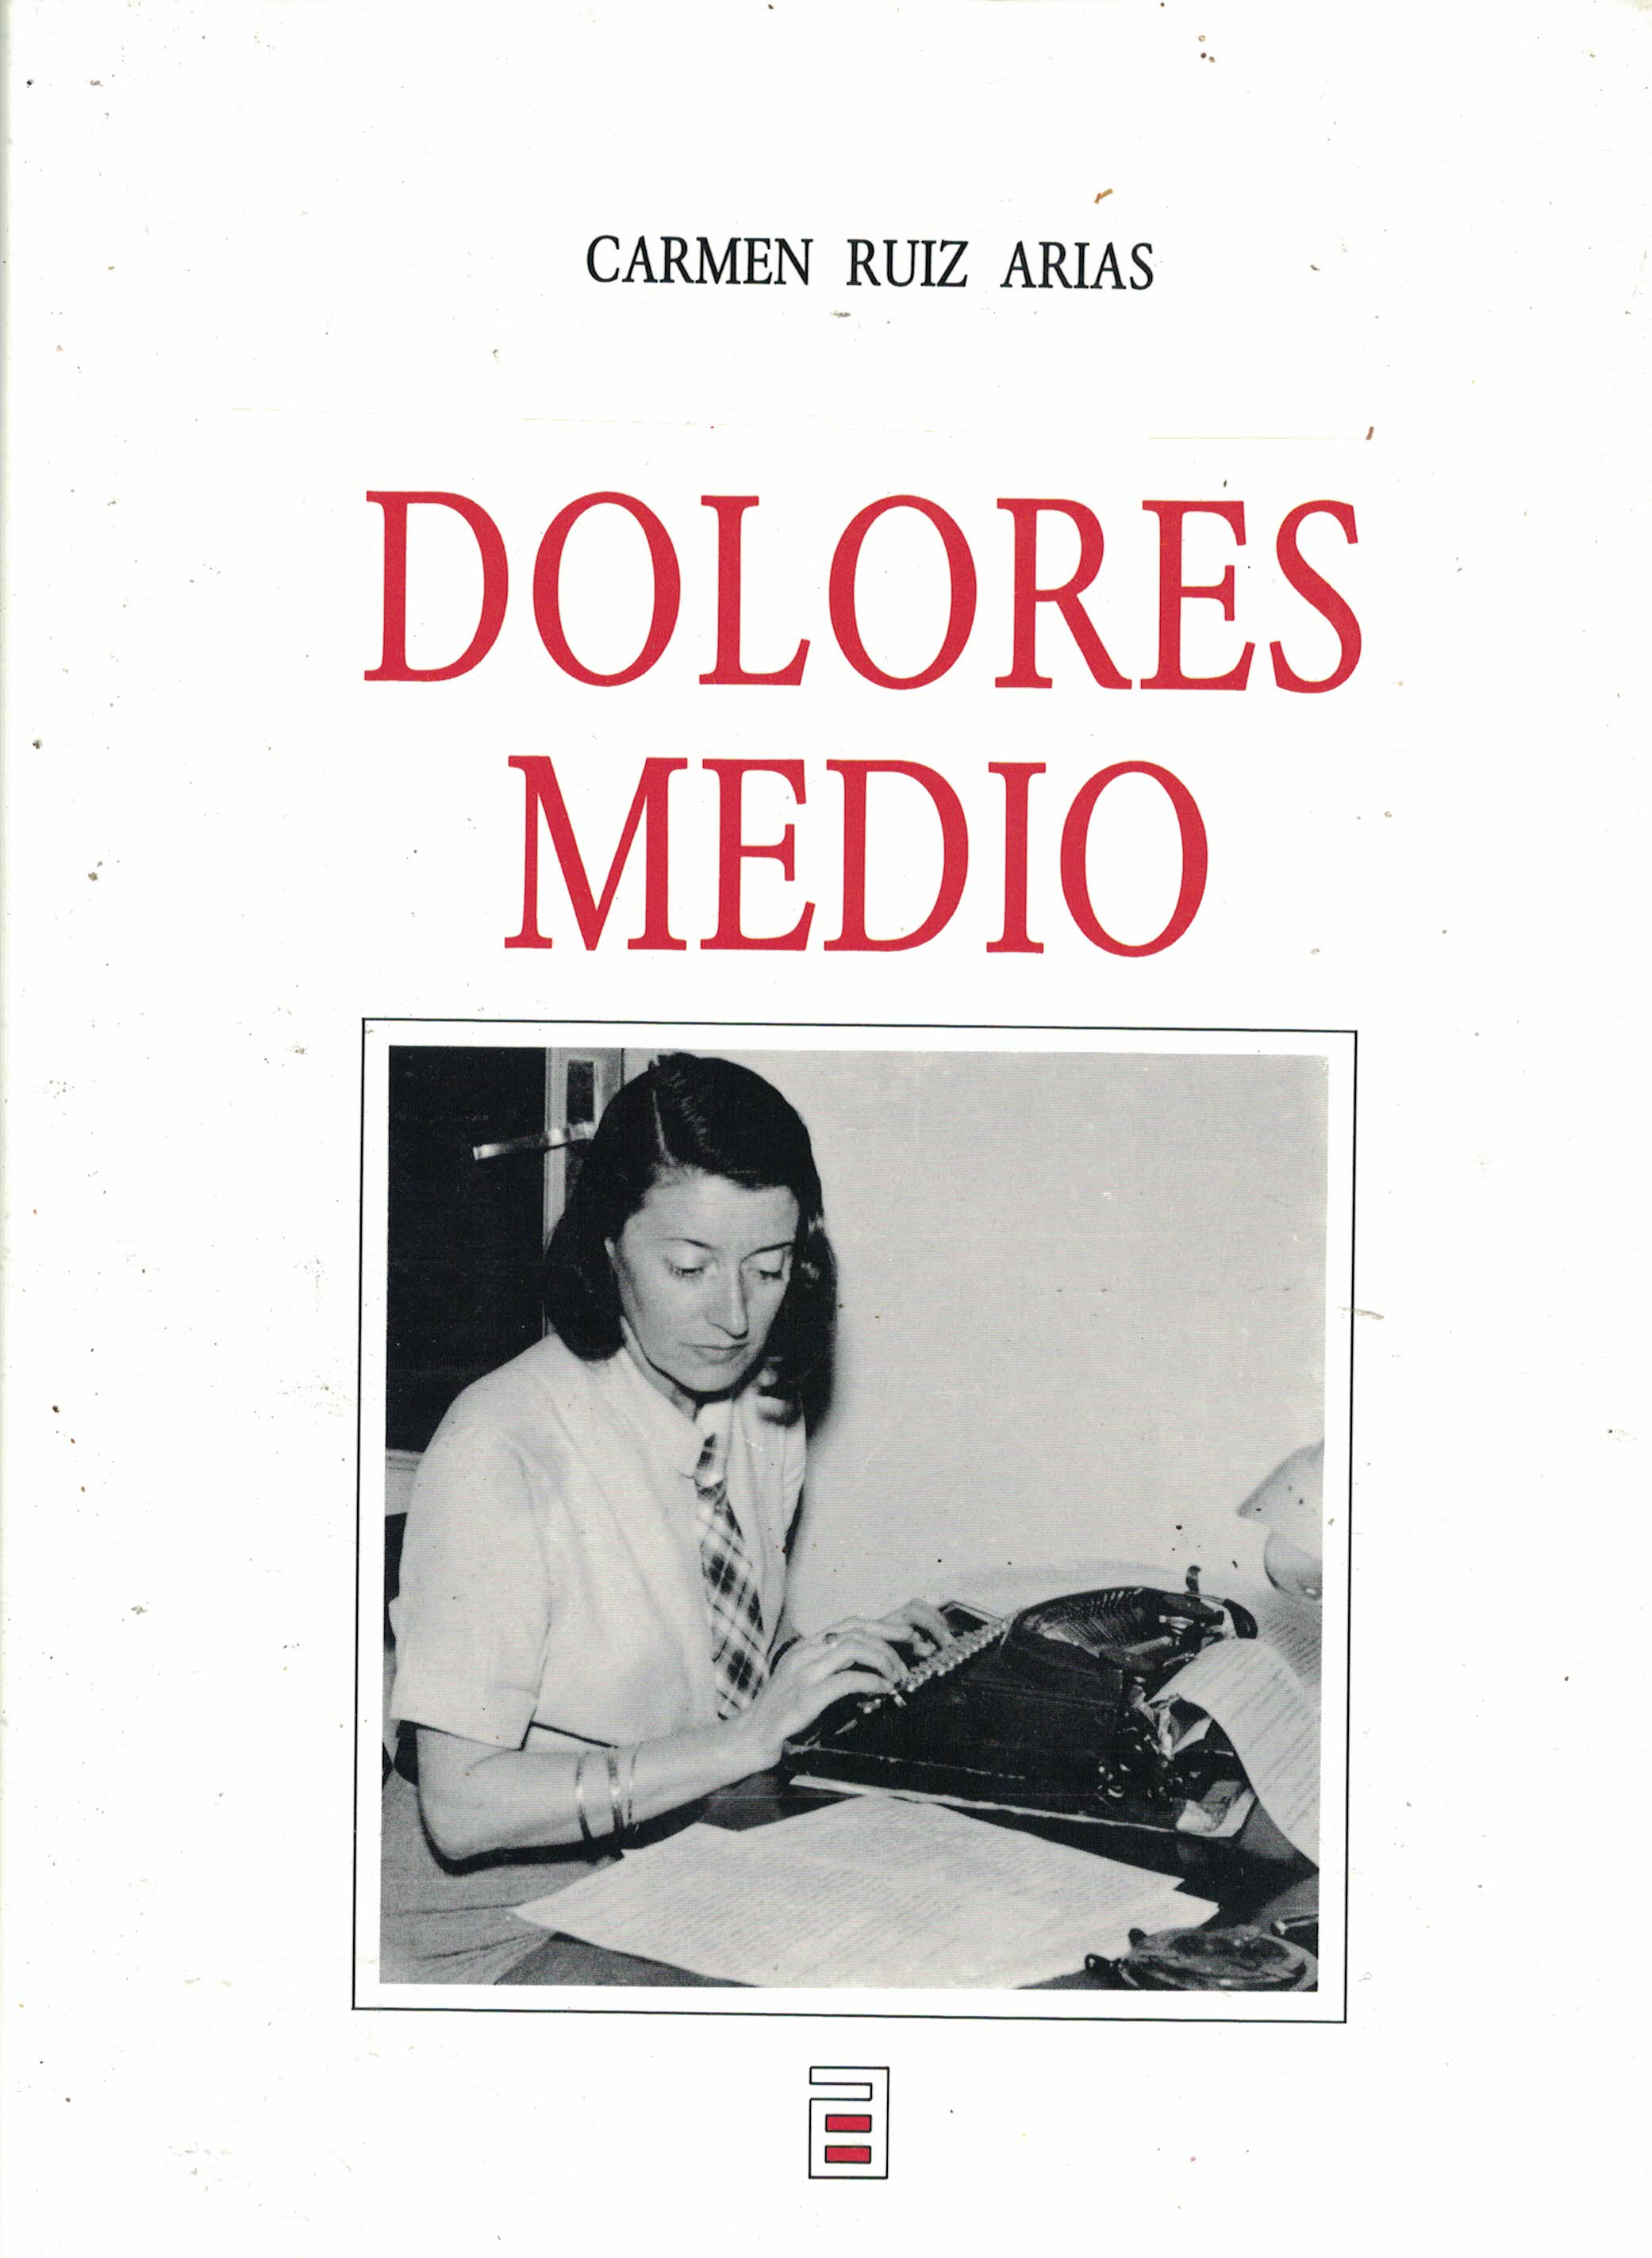 Dolores Medio